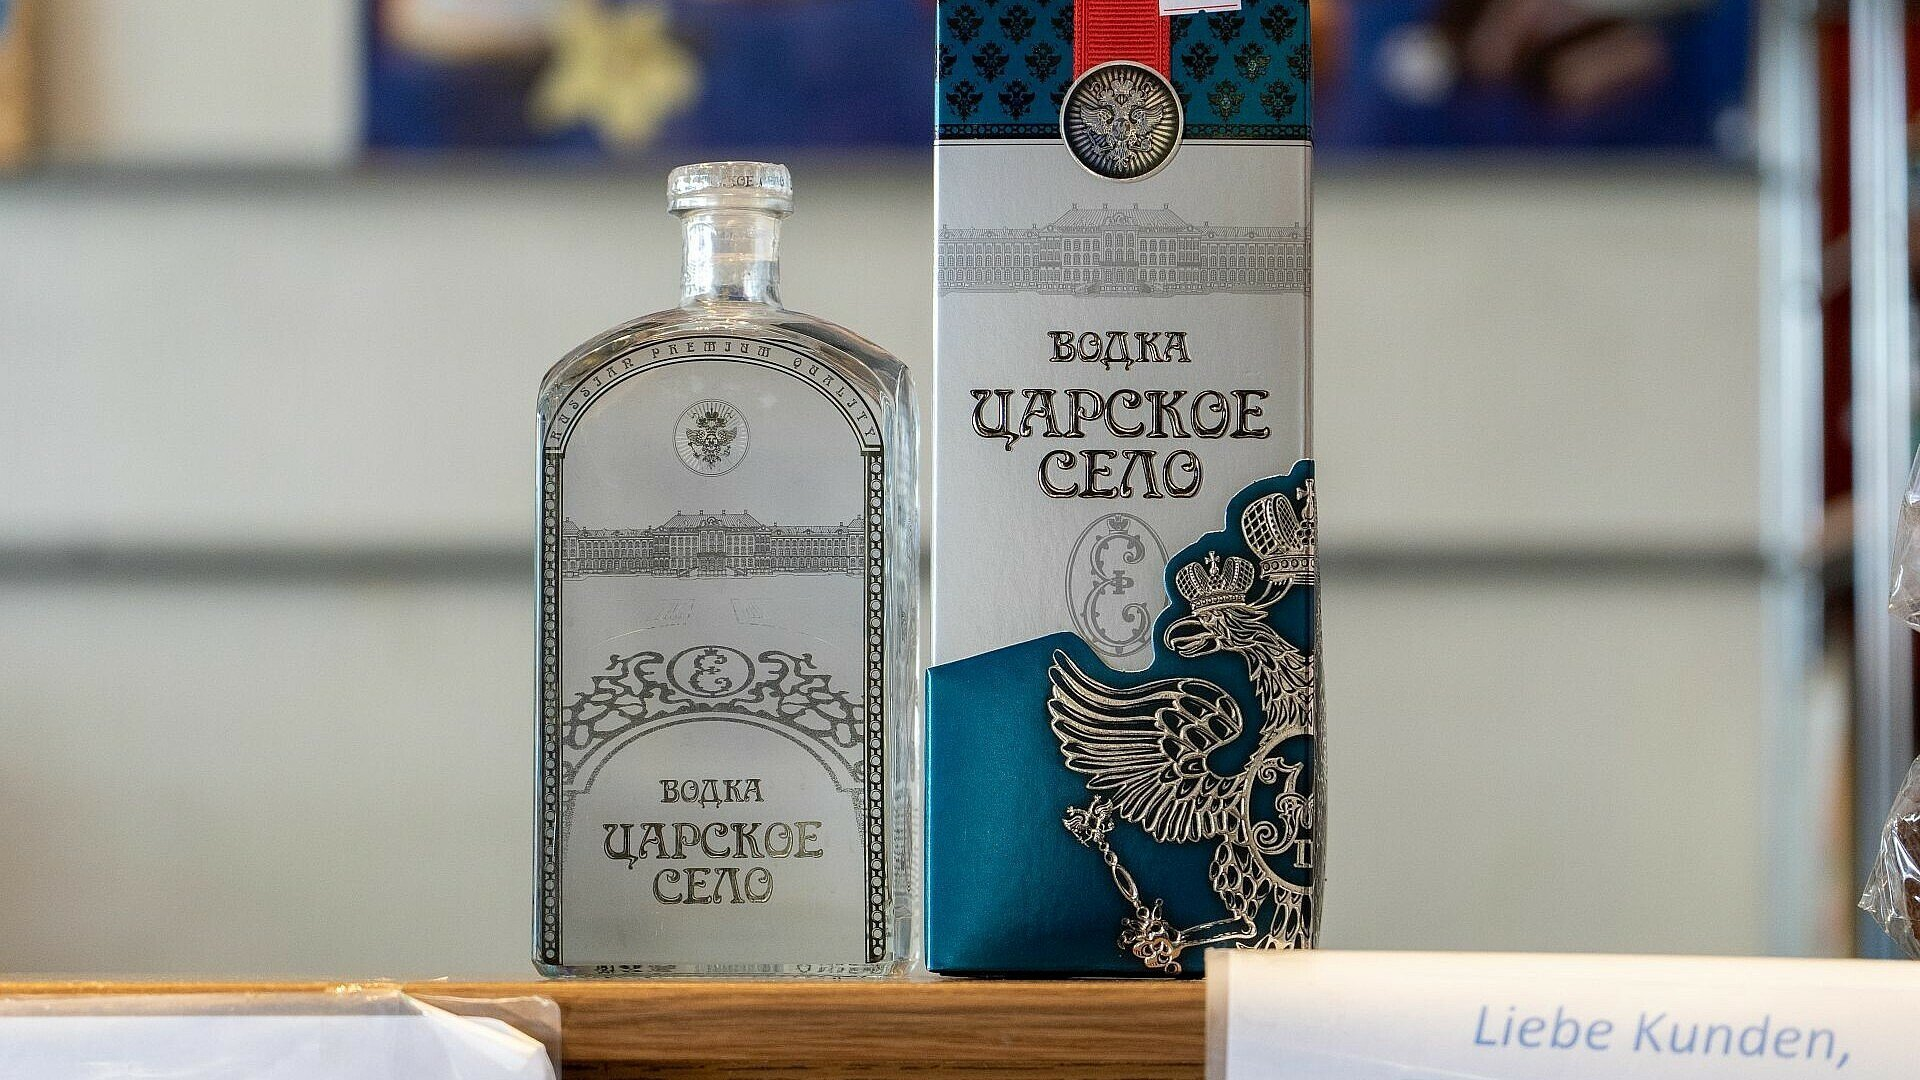 Wodka auf dem Tresen des russischen Supermarkts Zabawa in Buchheim